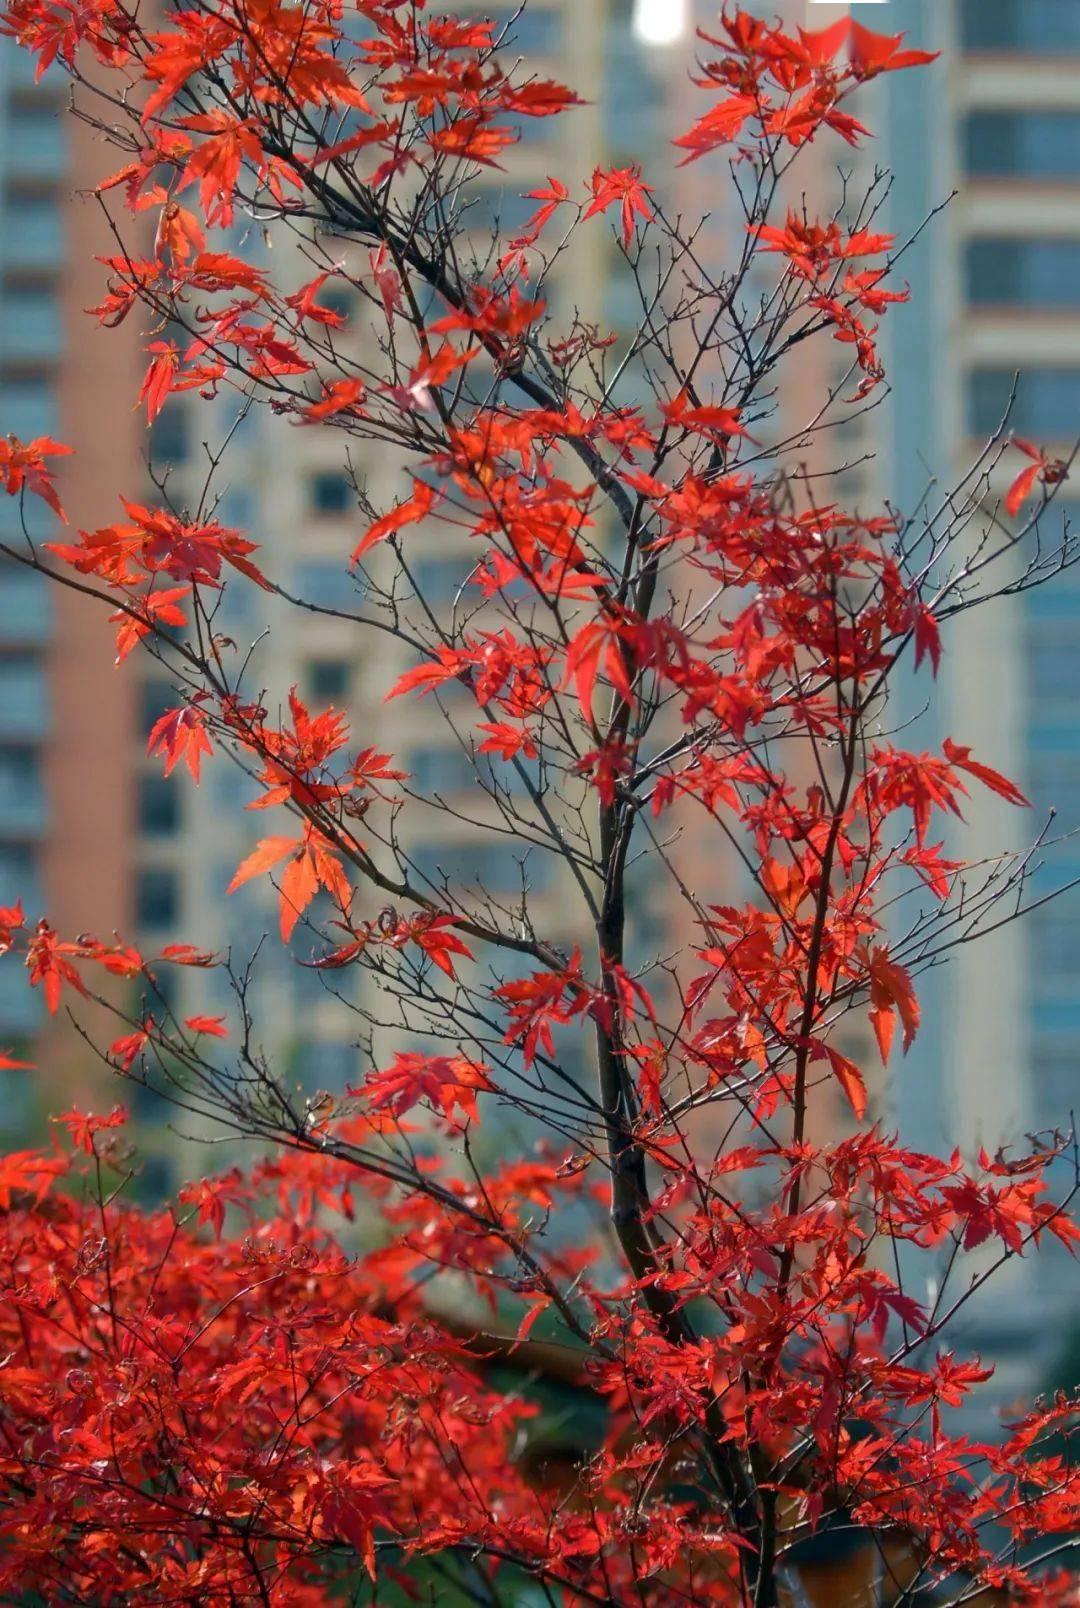 红叶如锦,色艳如花,灿烂如霞